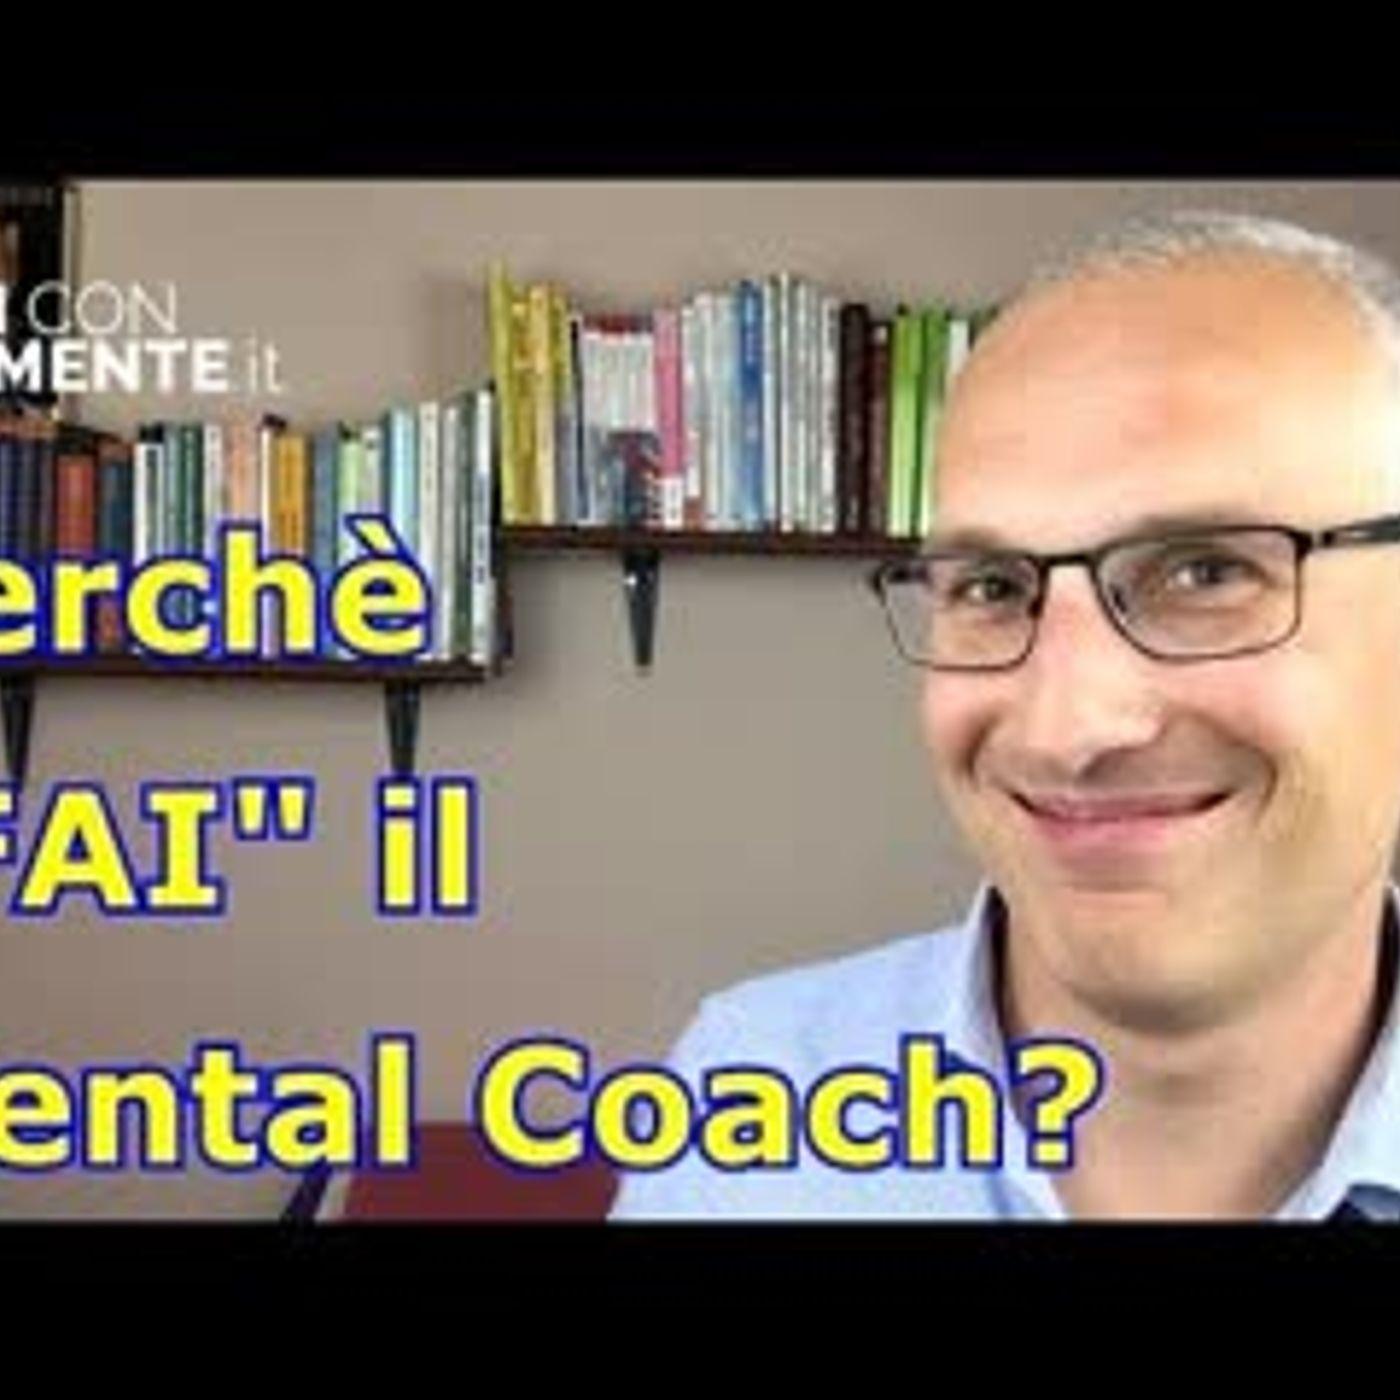 Perchè fai il mental coach ( ti racconto la mia storia!)